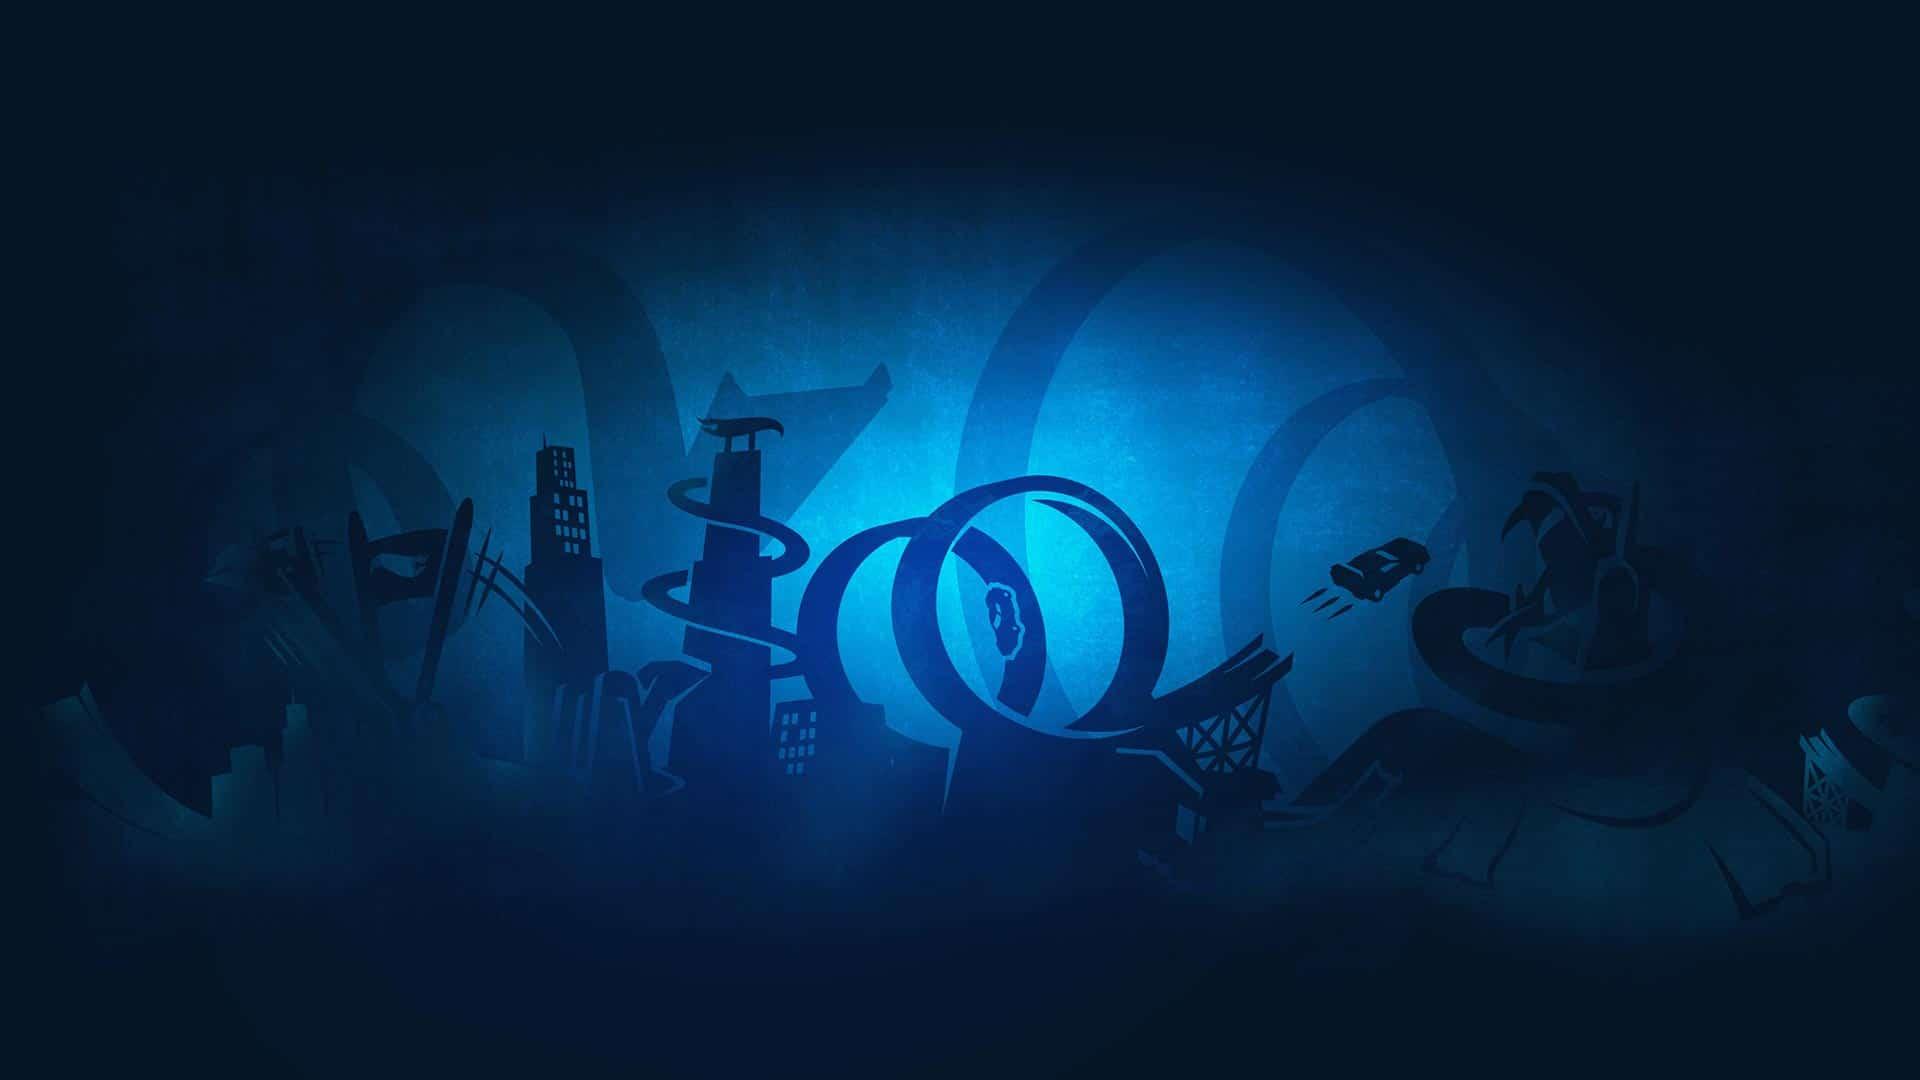 HOTWHEELS unleashed grafico milano background 04